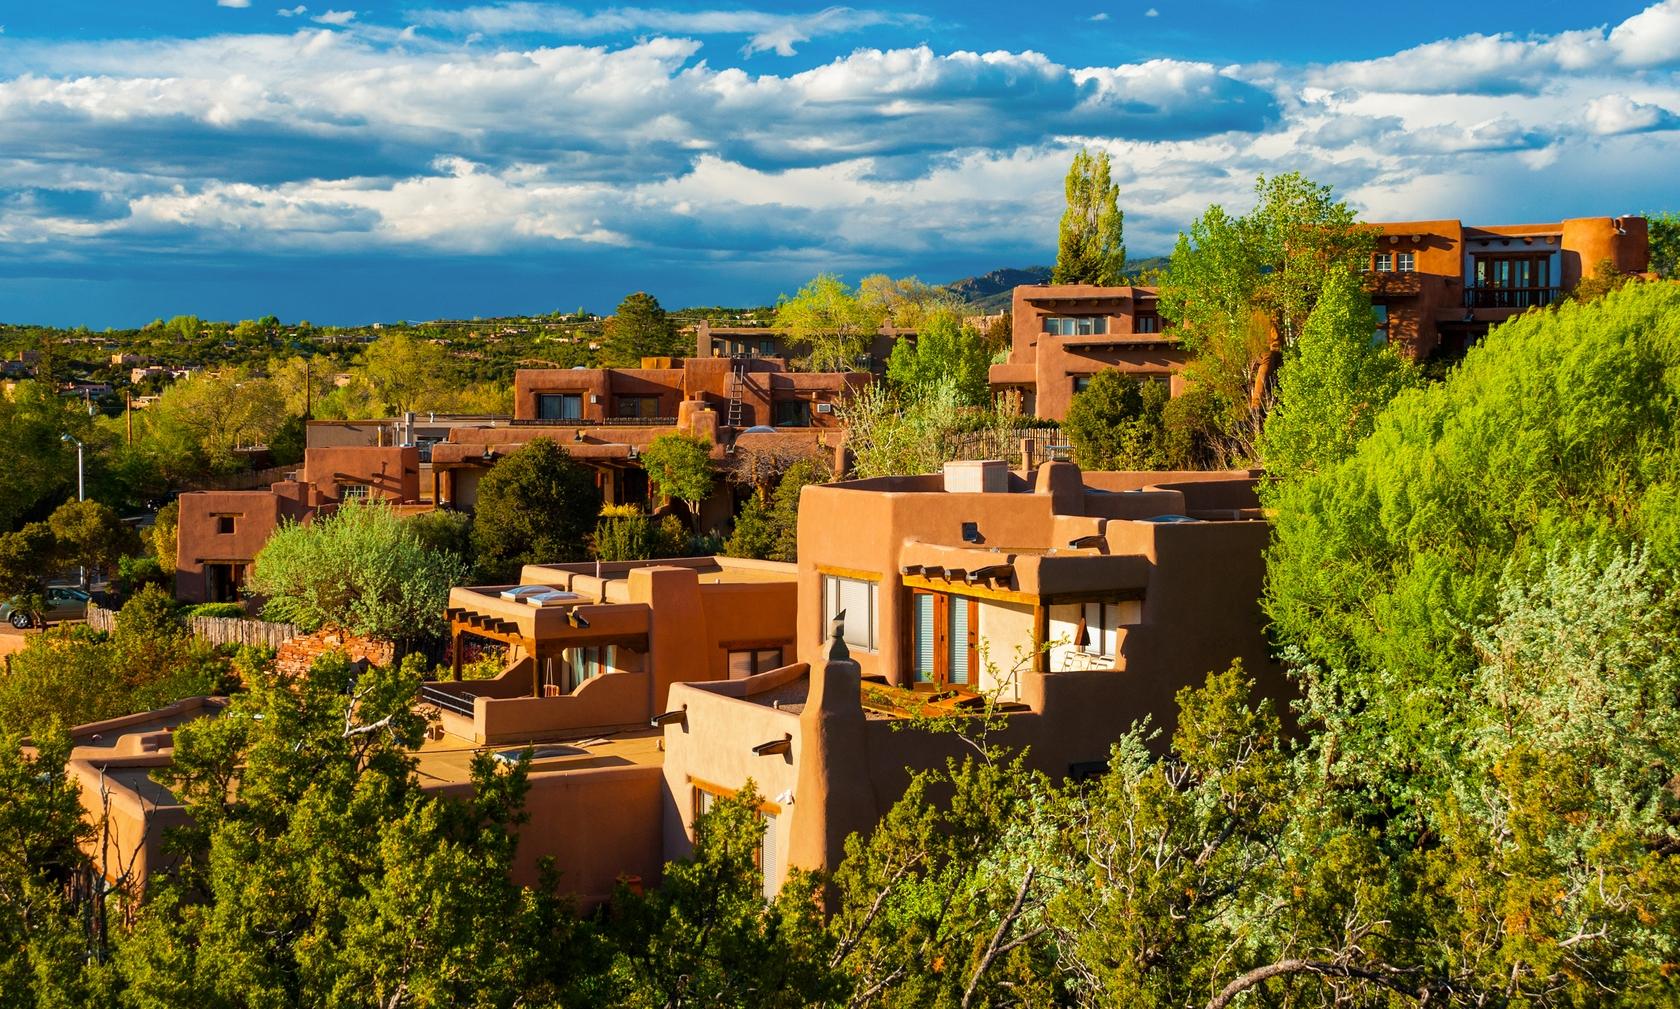 Vacation rentals in Santa Fe